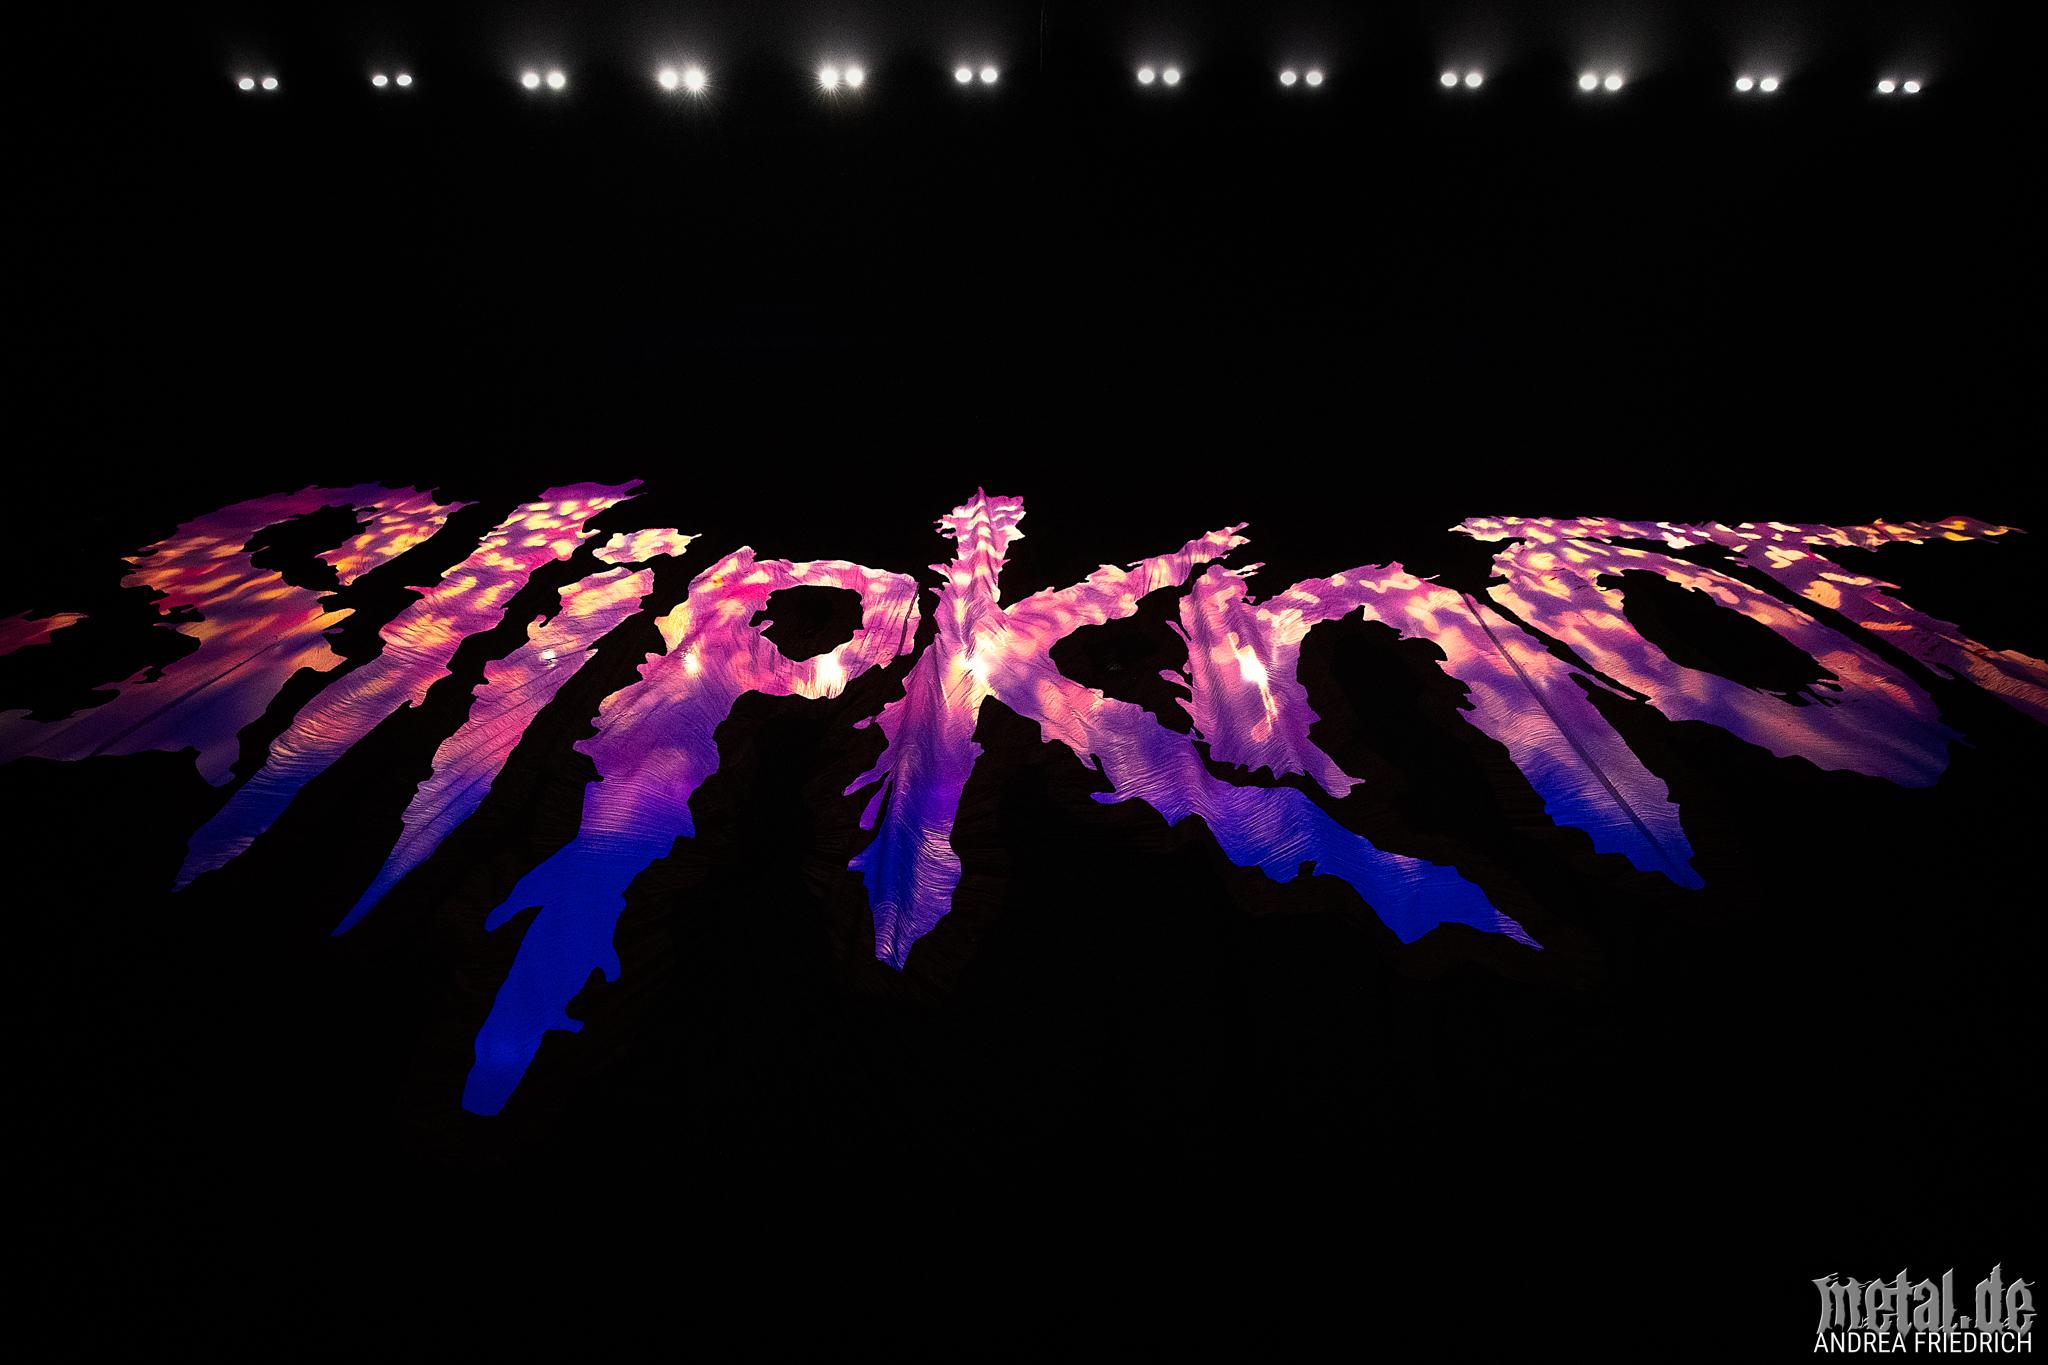 Konzertfoto von Slipknot - We Are Not Your Kind World Tour 2020